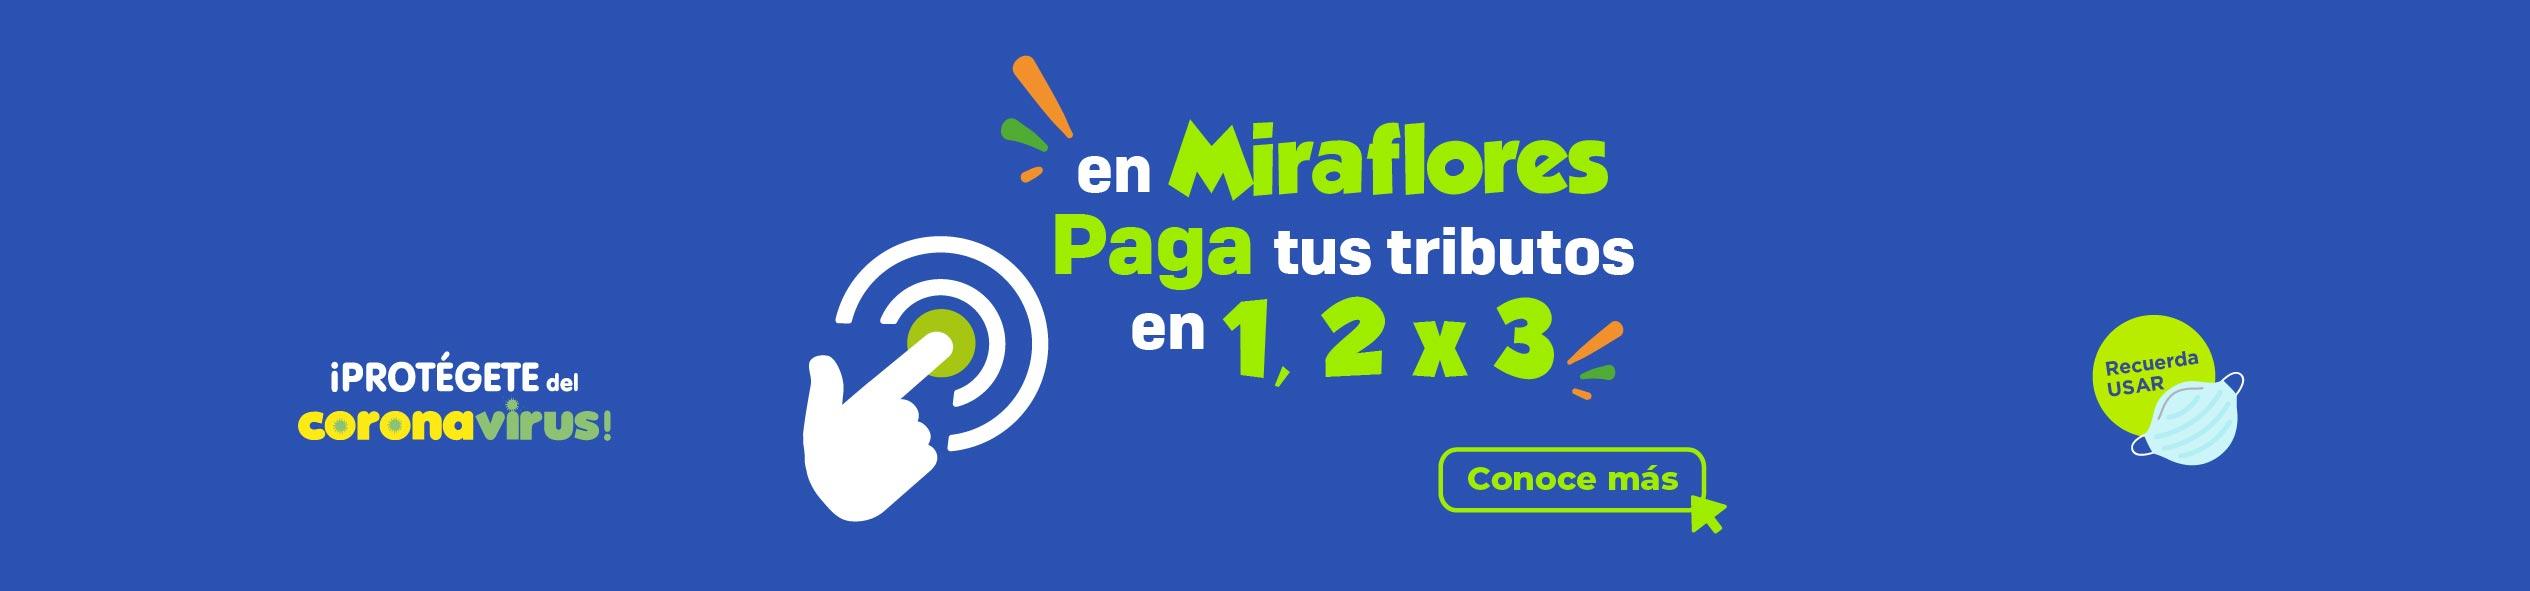 CABECERAS-PAGA-TRIBUTOS-2021